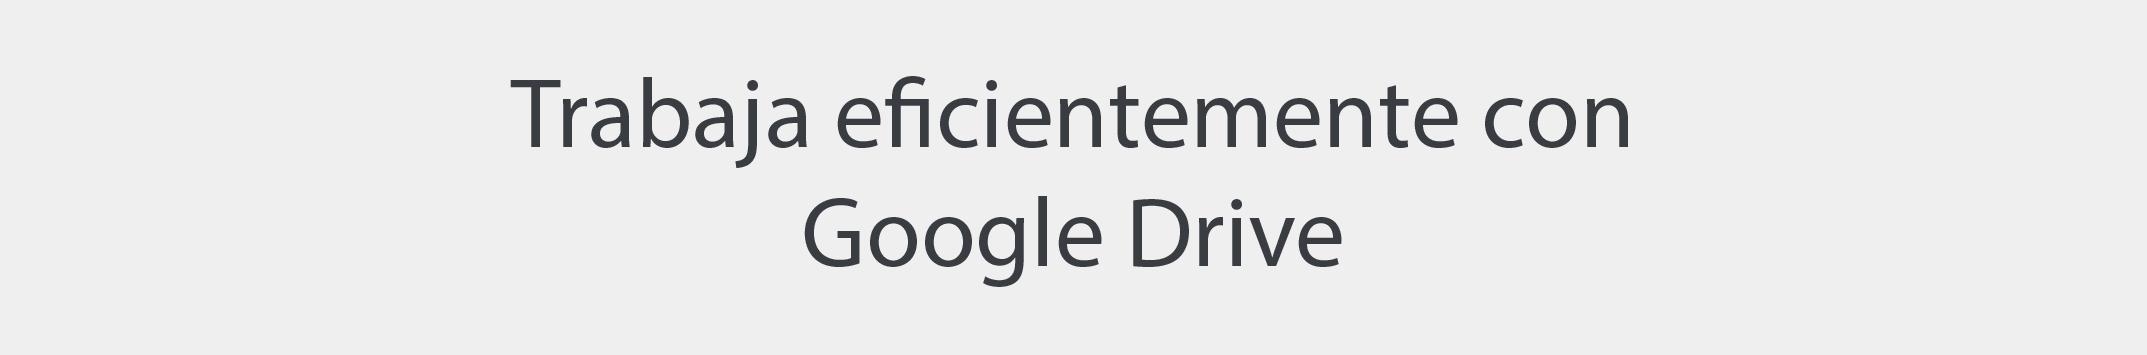 Eficiencia Google Drive